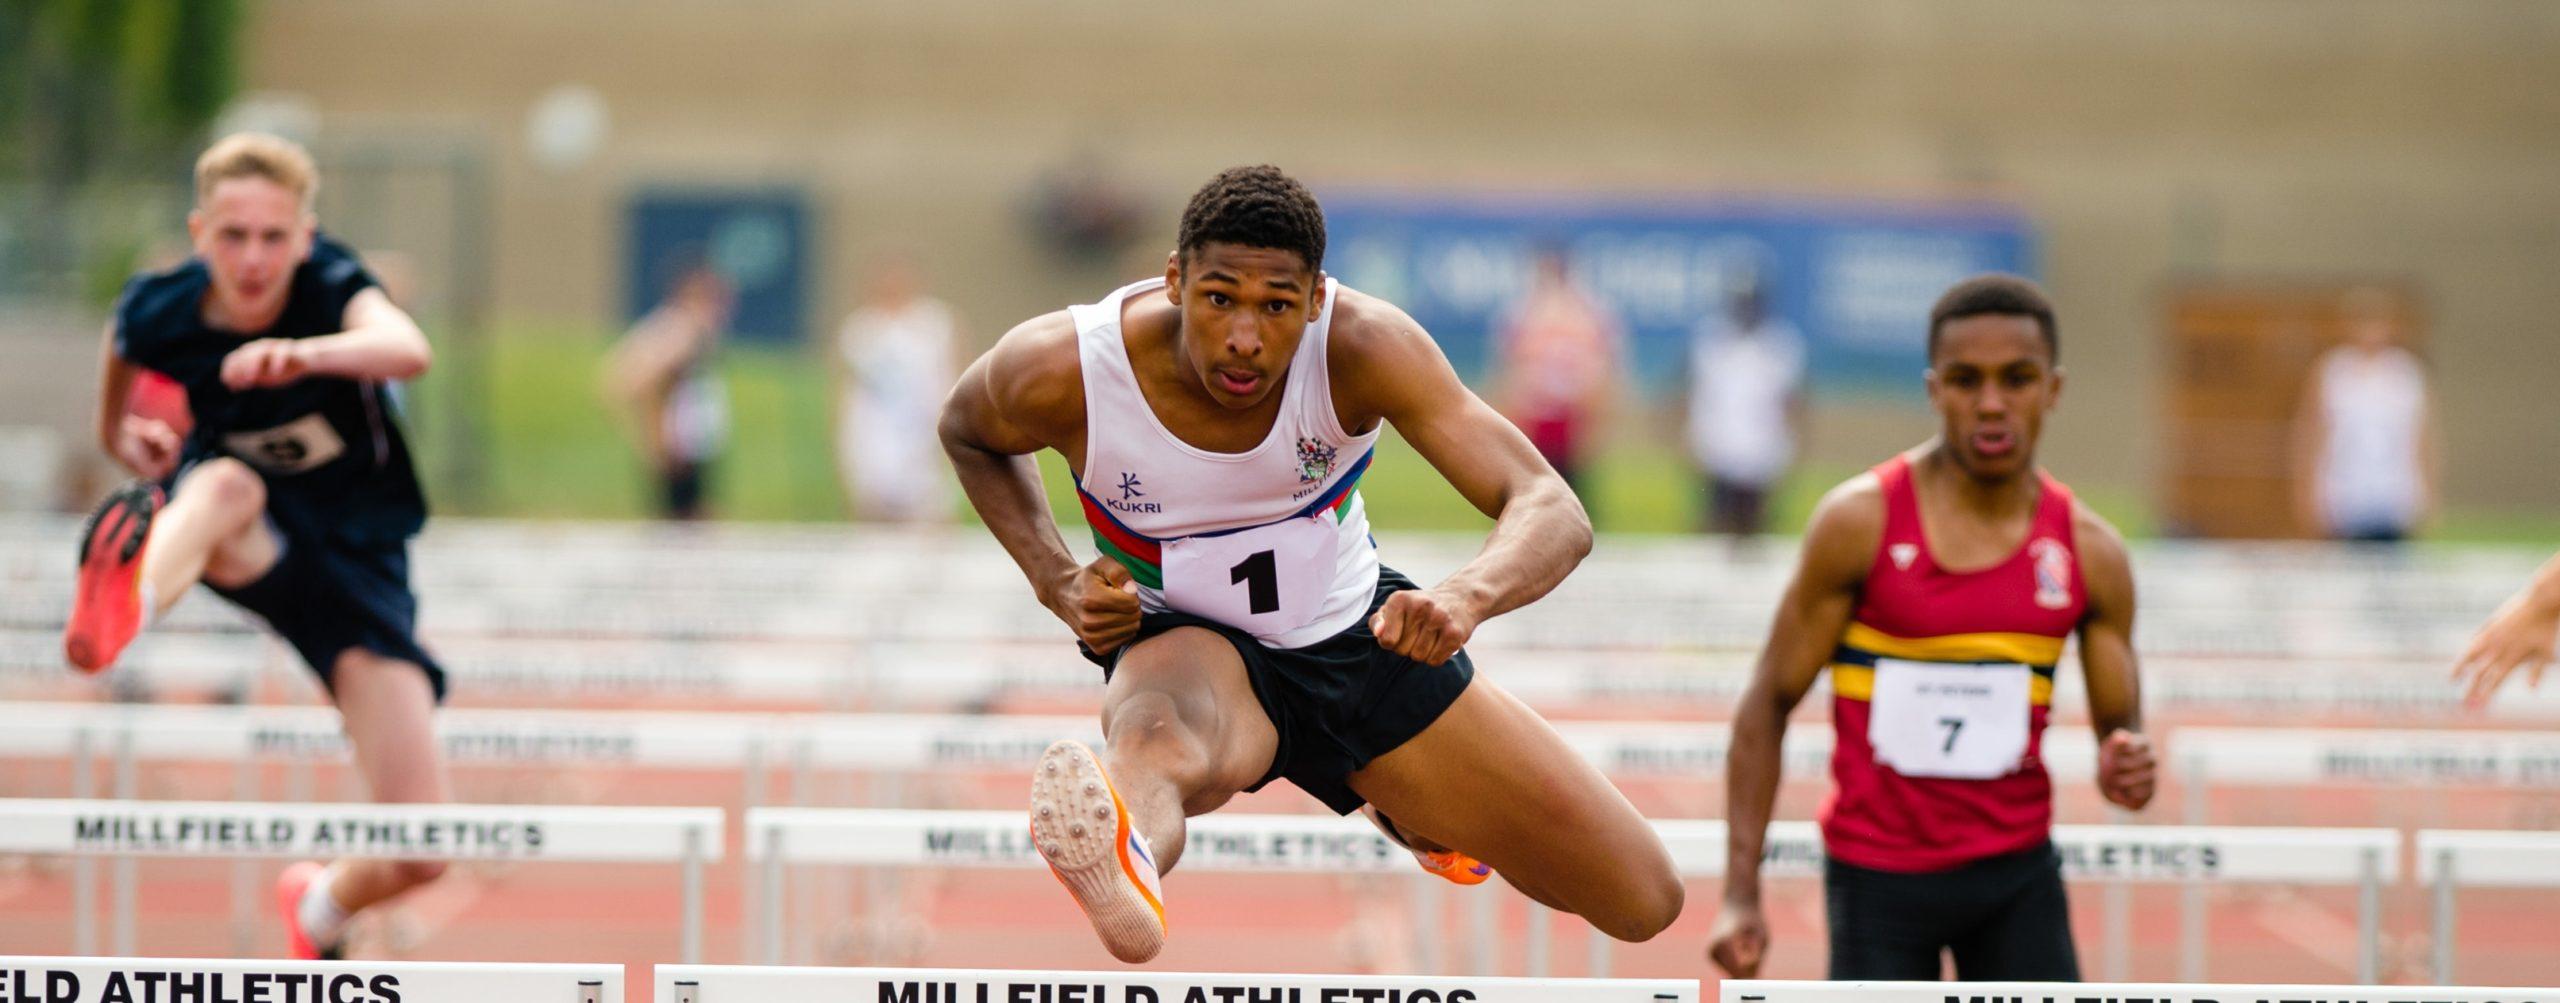 Millfield hurdles